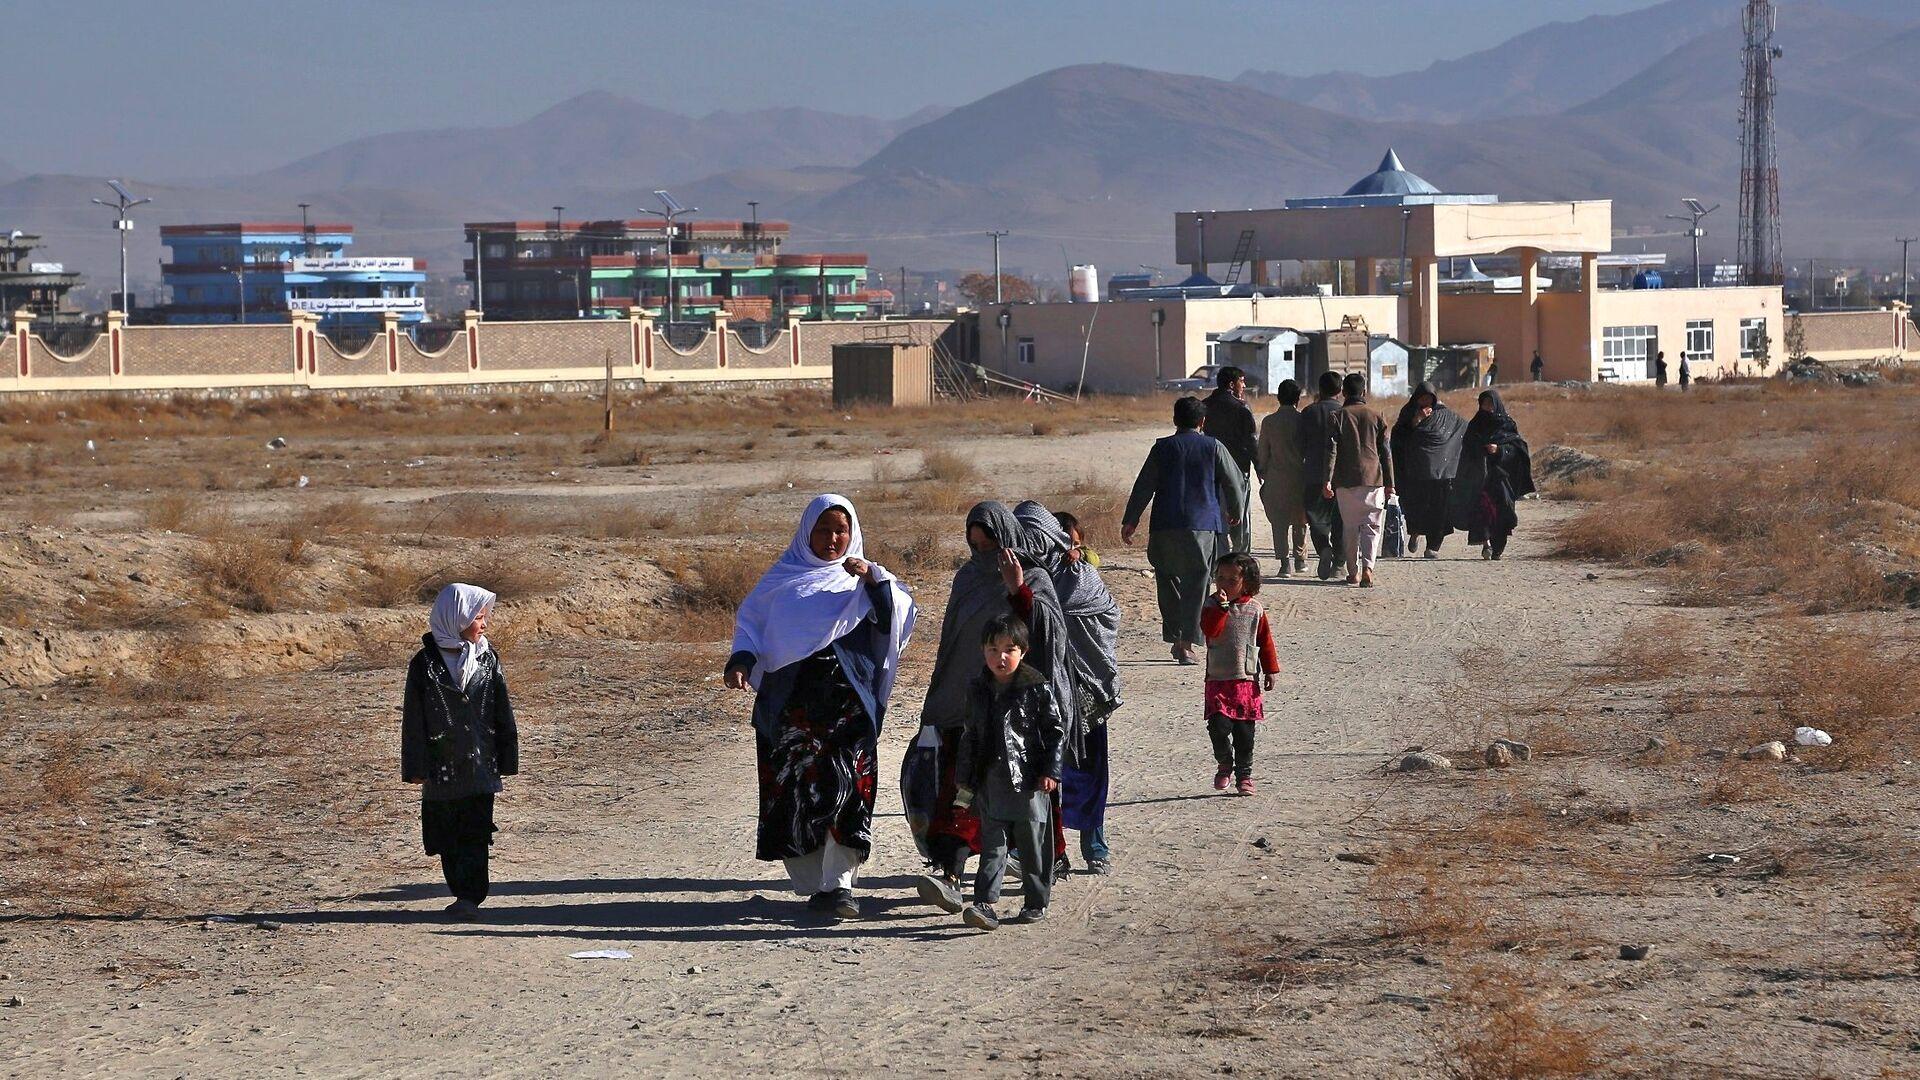 Беженцы из провинции Газни в Афганистане. 20 ноября 2018 - РИА Новости, 1920, 29.11.2020